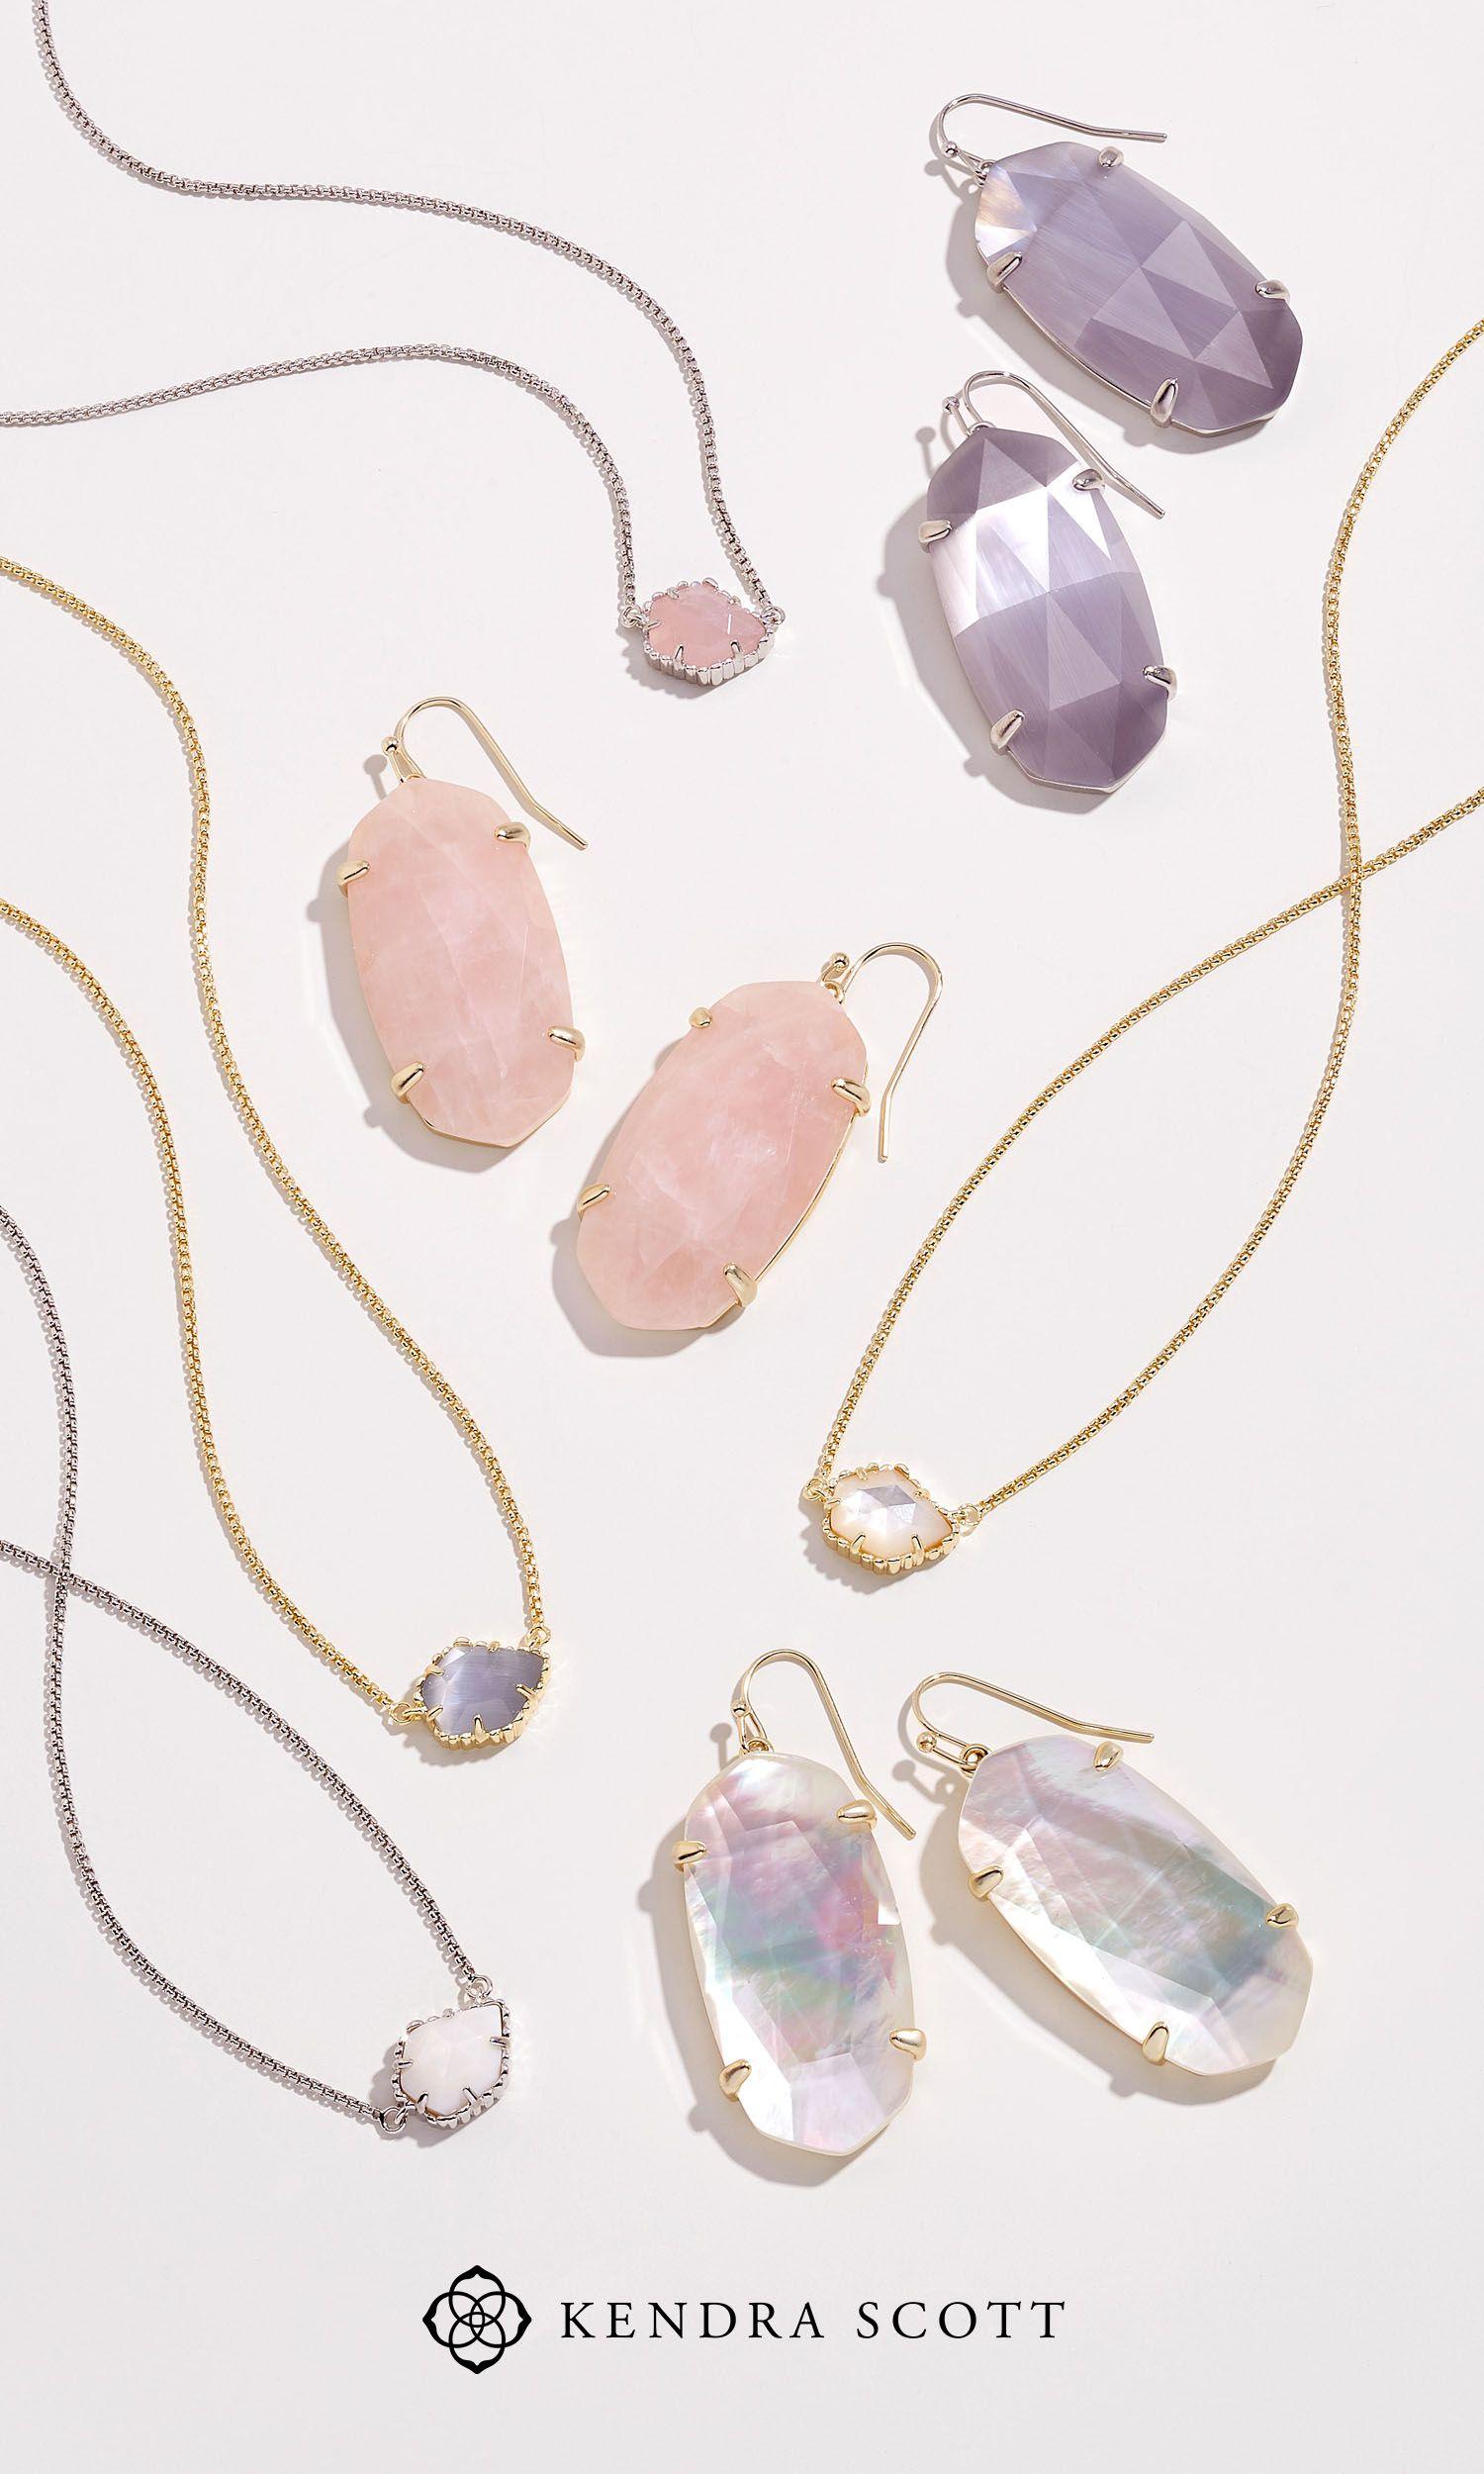 25+ Kendra scott jewelry store near me ideas in 2021